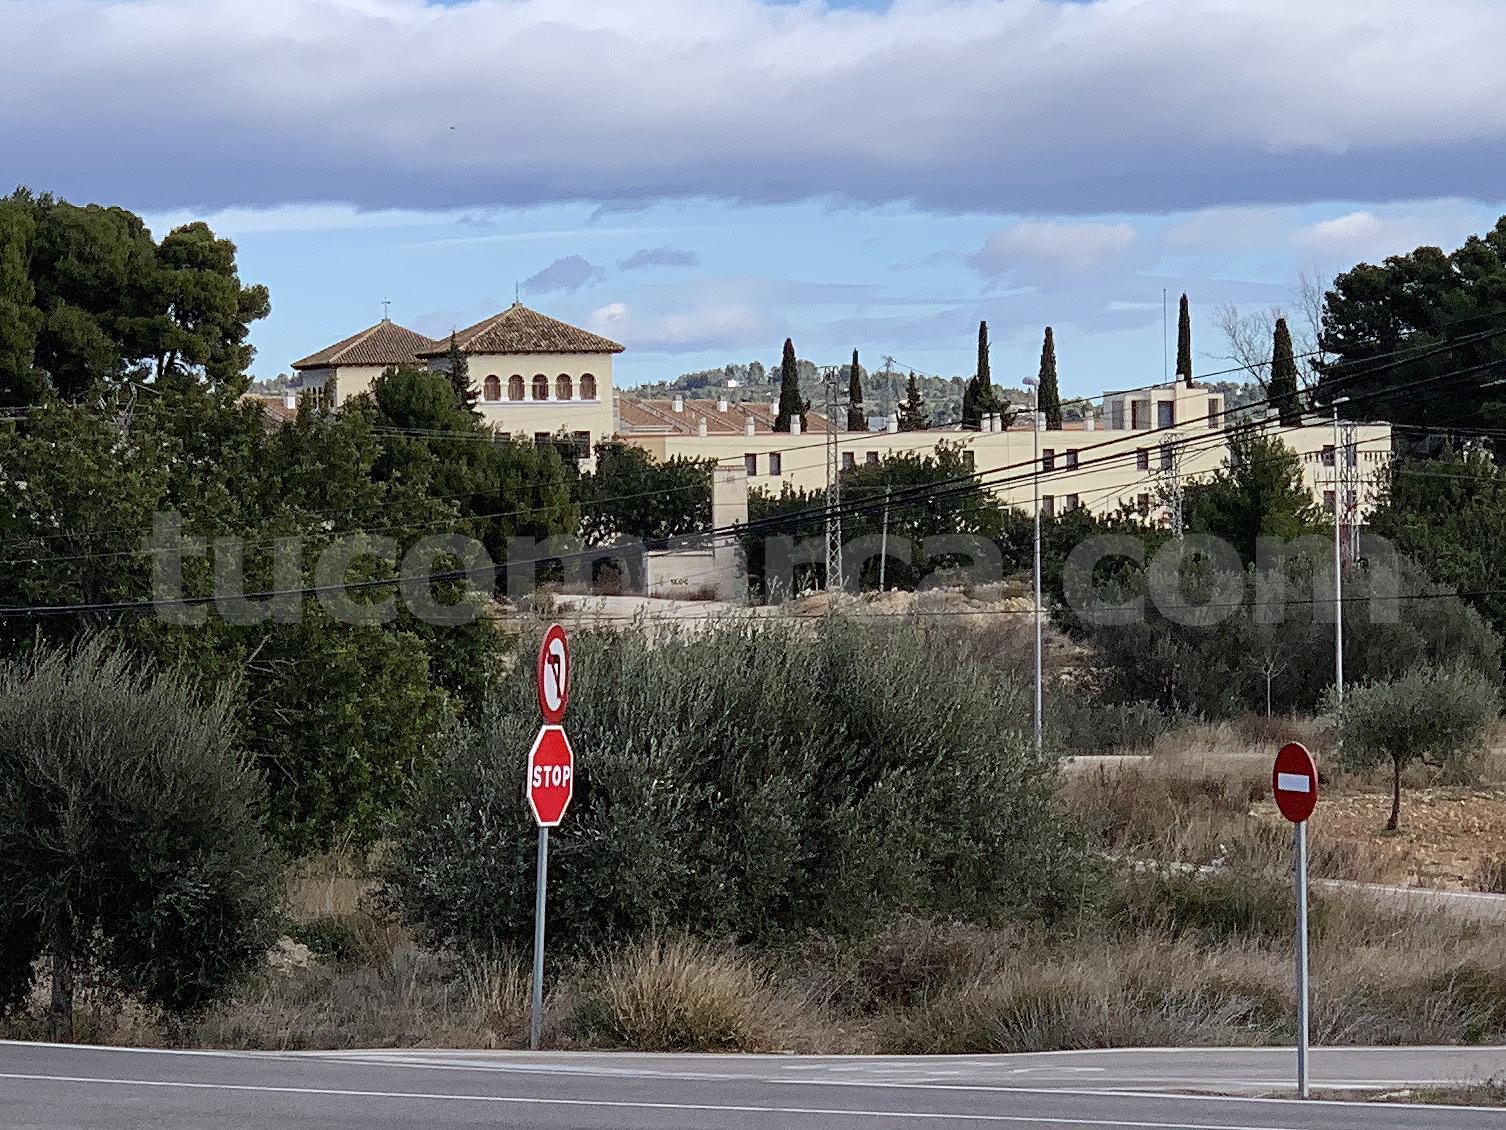 El albergue de Alborache está ubicado en las afueras de la localidad.